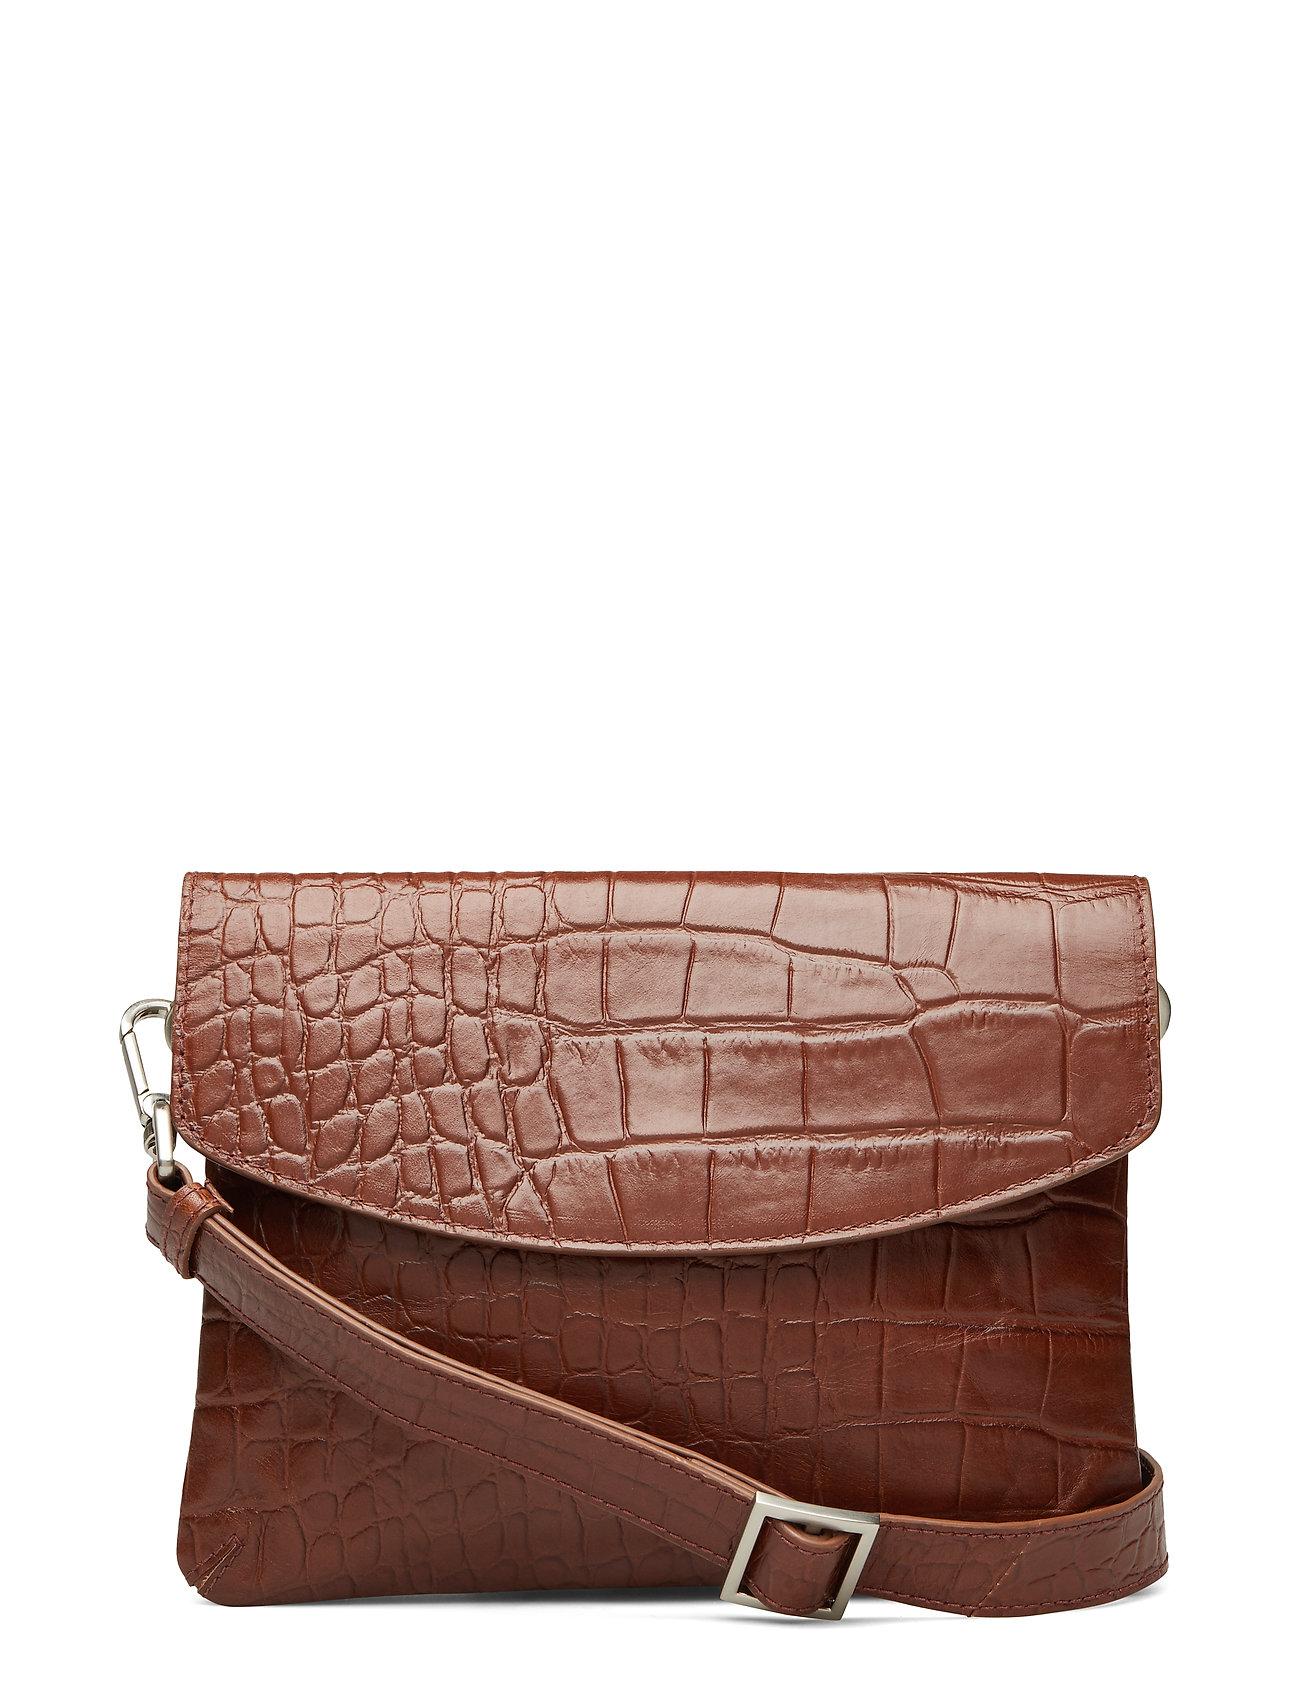 Teramo Bag Shoulder Bag Teramo Bag MaloubrownAdax Teramo MaloubrownAdax MaloubrownAdax Shoulder Shoulder Teramo FlTJcK13